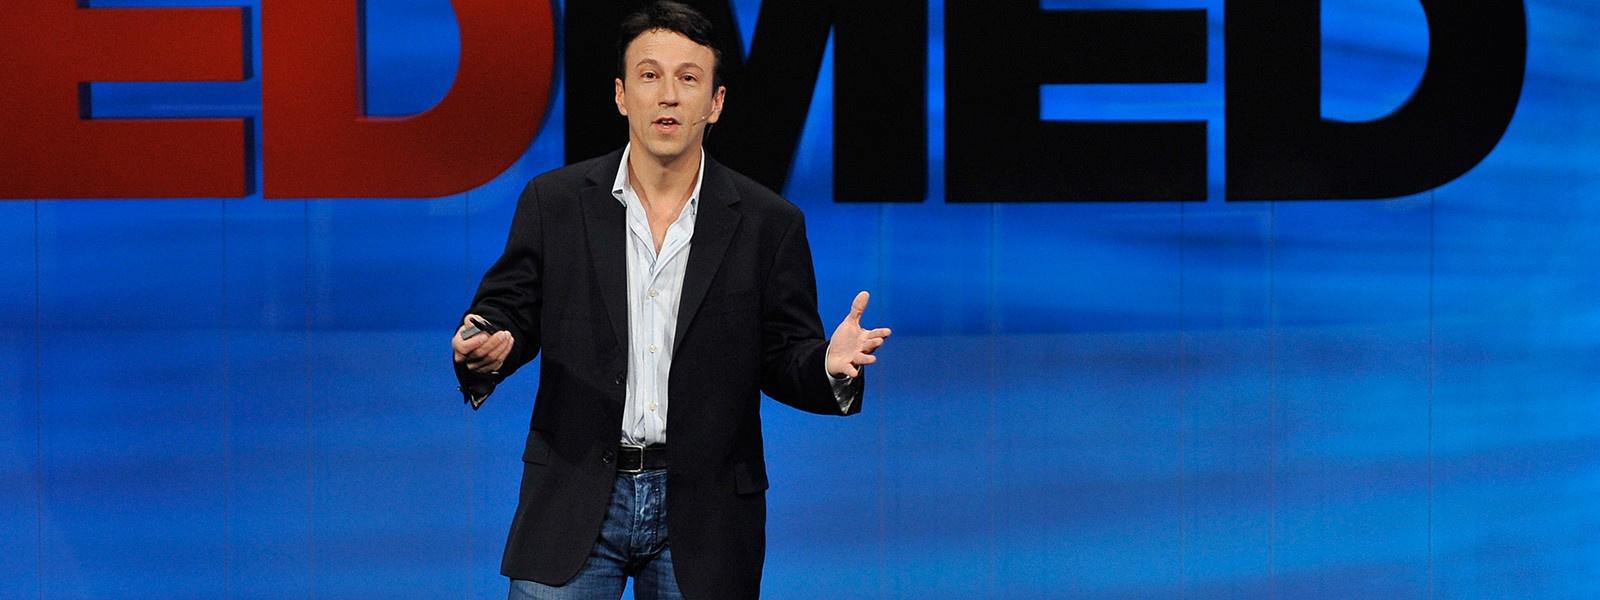 Dr. Daniel Kraft Speaking at TedMed